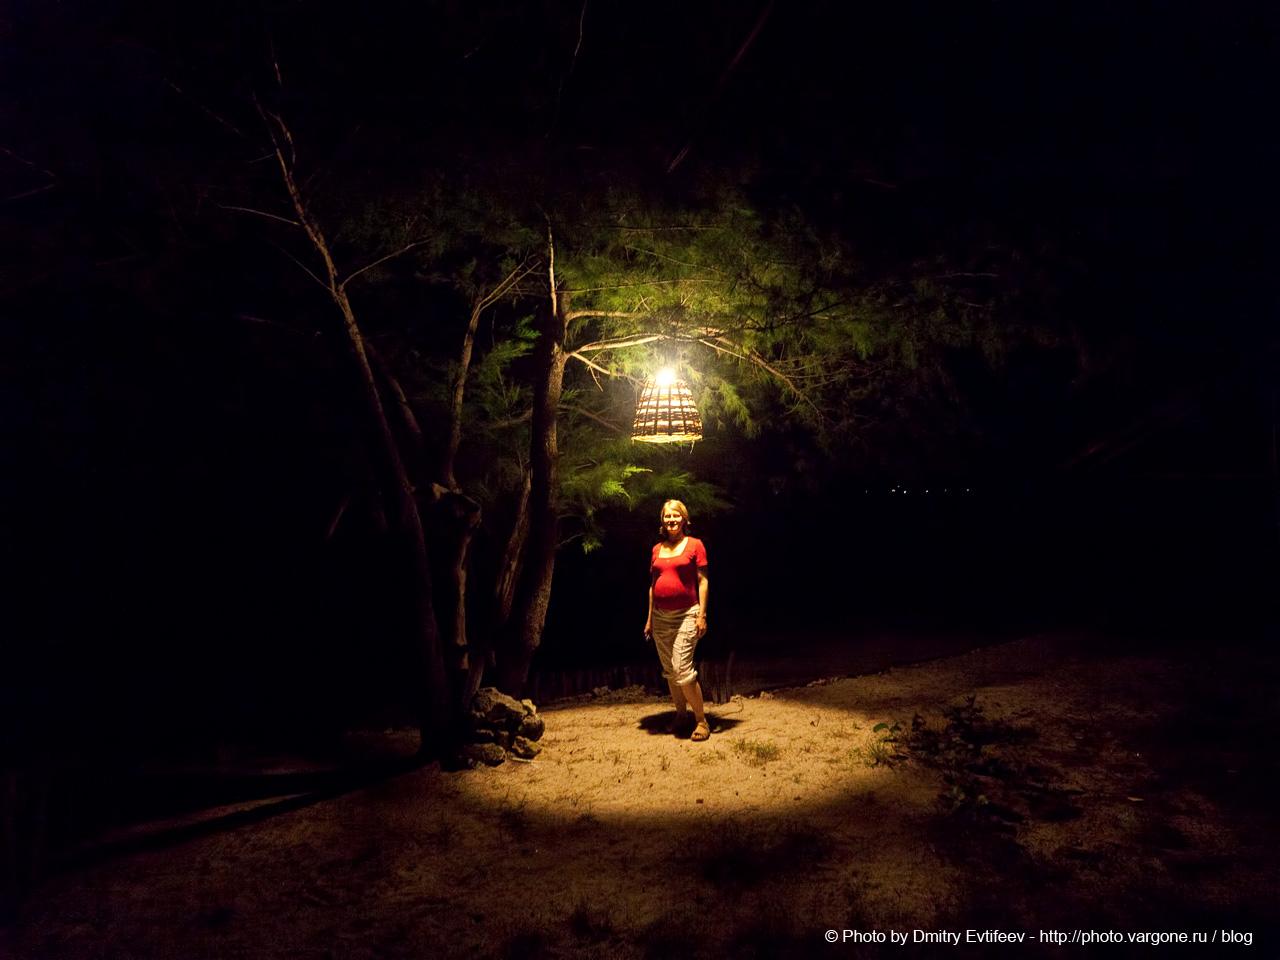 Индонезия, о.Гили Мено / Gili Meno (c) фото Дмитрия Евтифеева